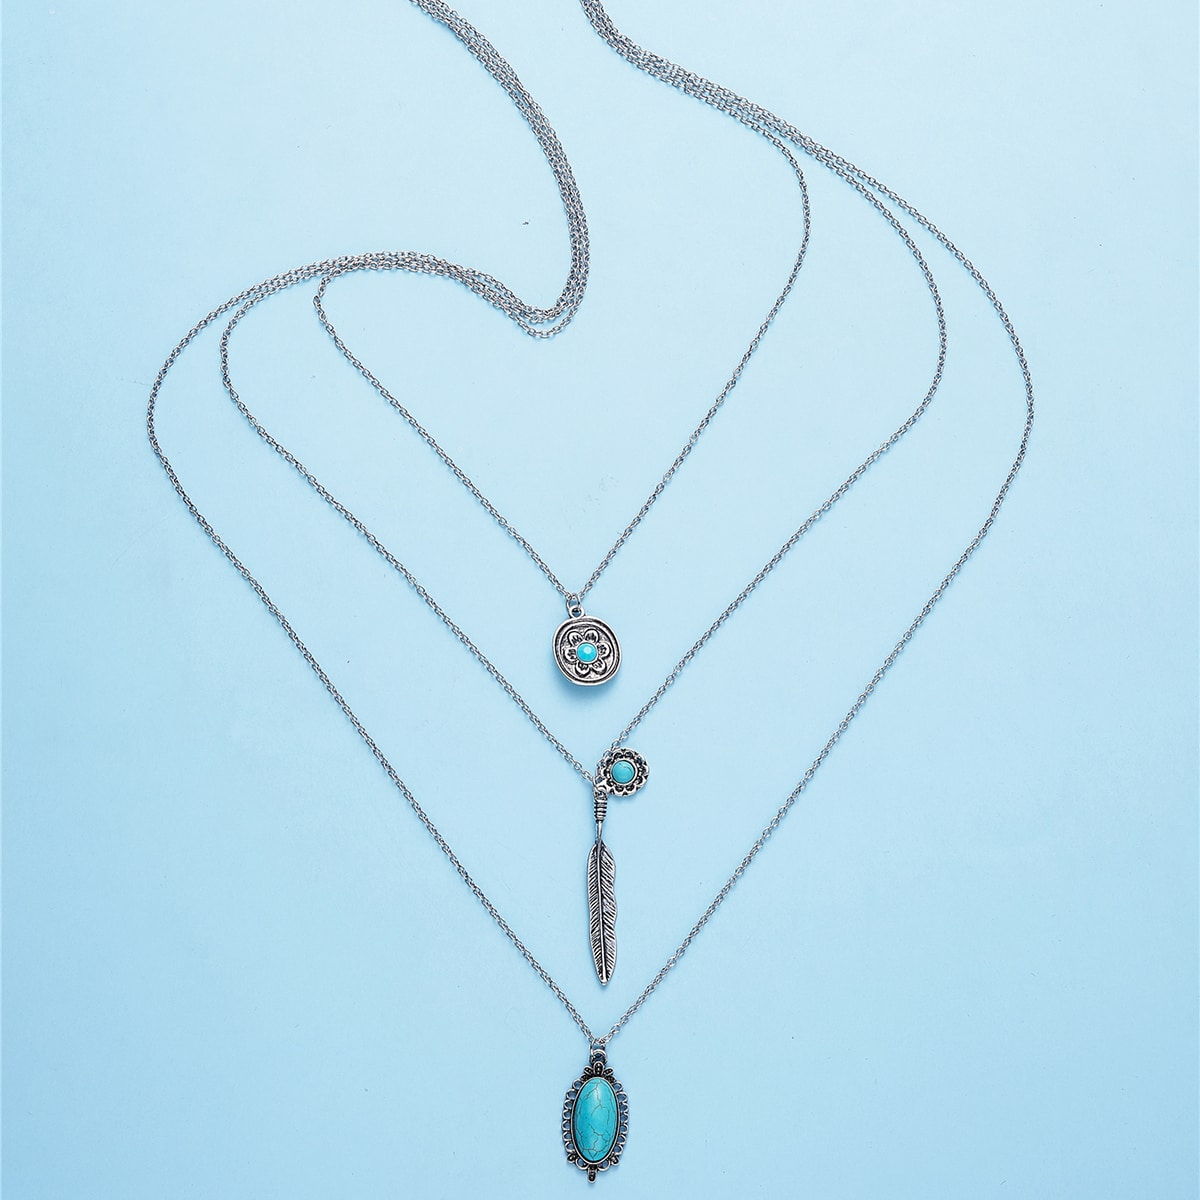 Mehrschichtige Halskette mit Türkis Dekor